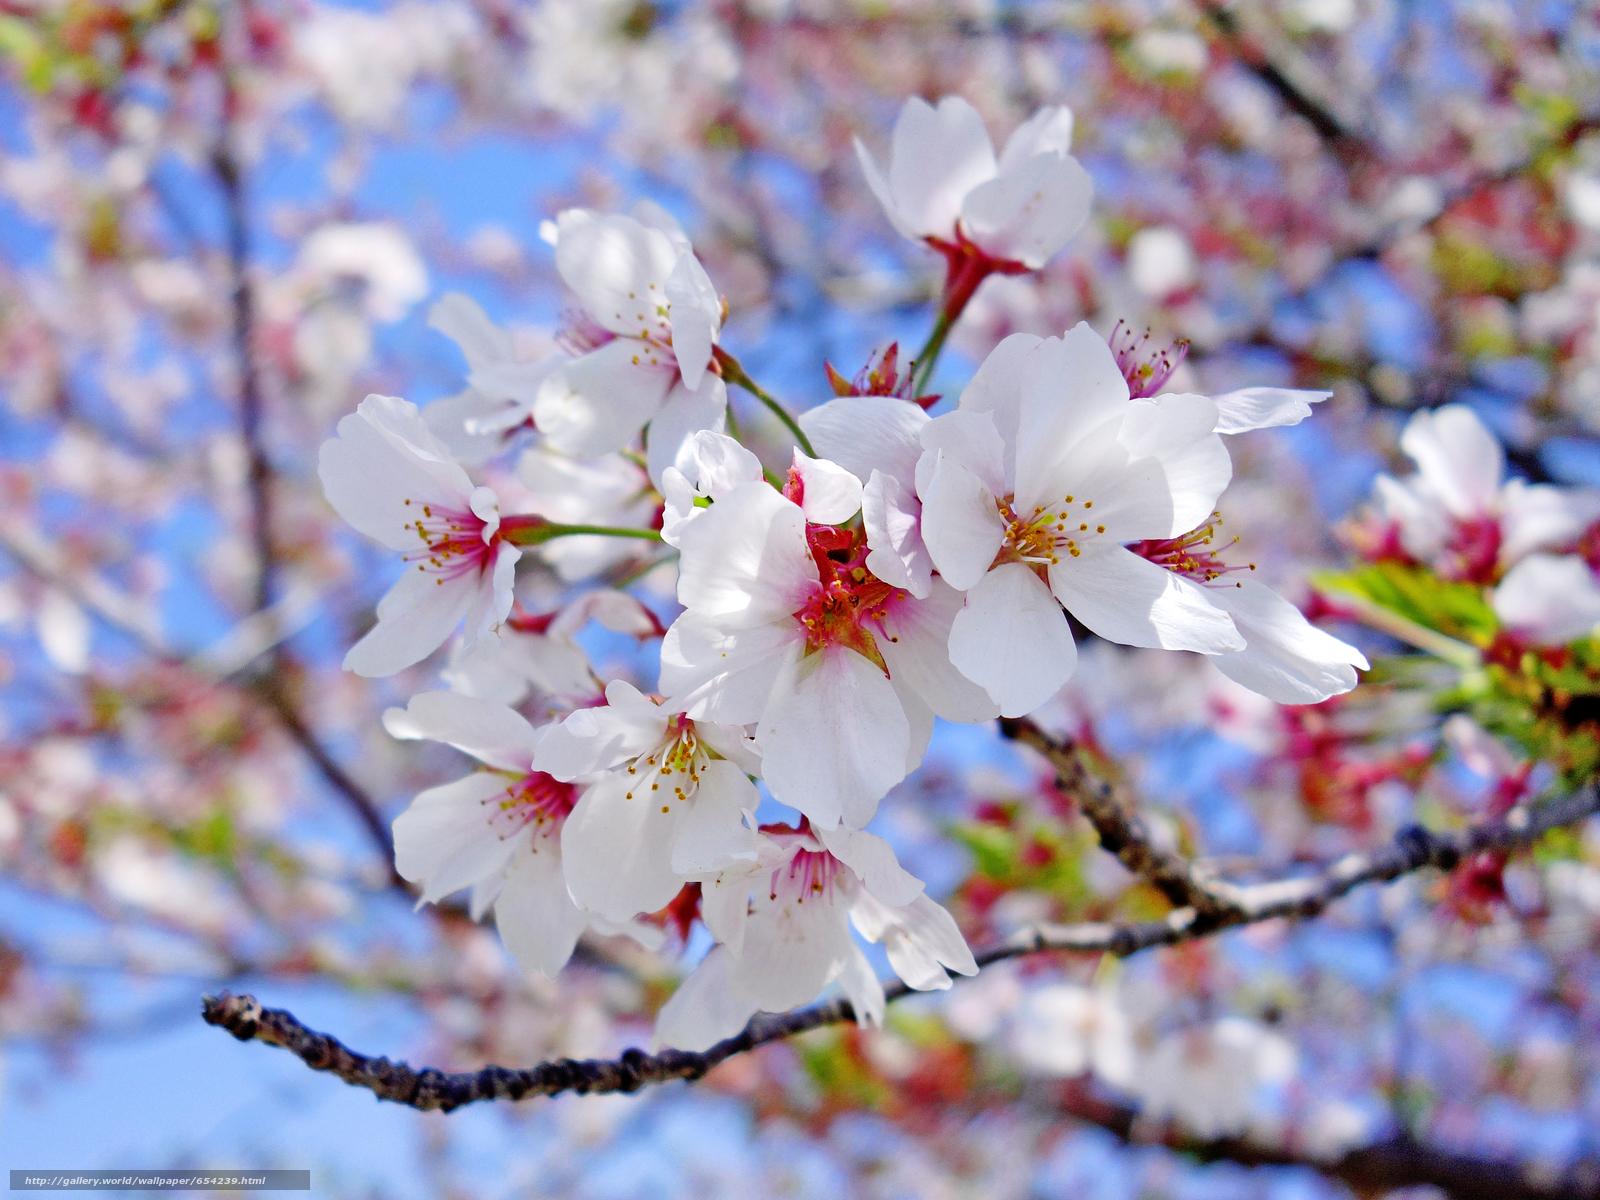 Scaricare gli sfondi fiori di ciliegio tsyety filiale for Sfondi desktop fiori